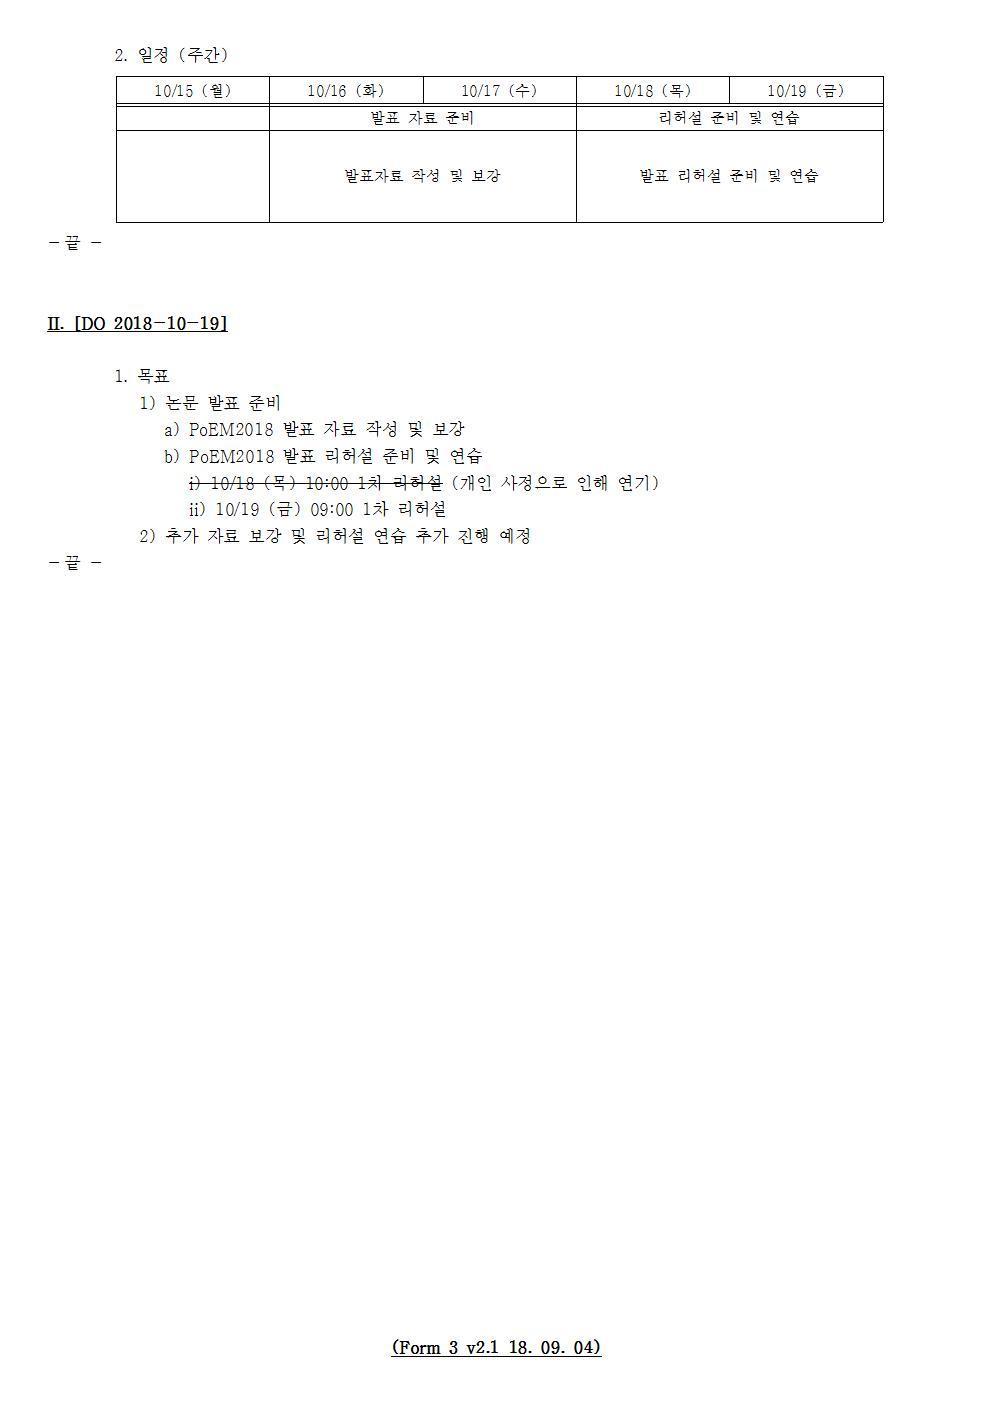 D-[18-054-PP-18]-[PoEM2018-PRISM]-[2018-10-19][JS]002.jpg